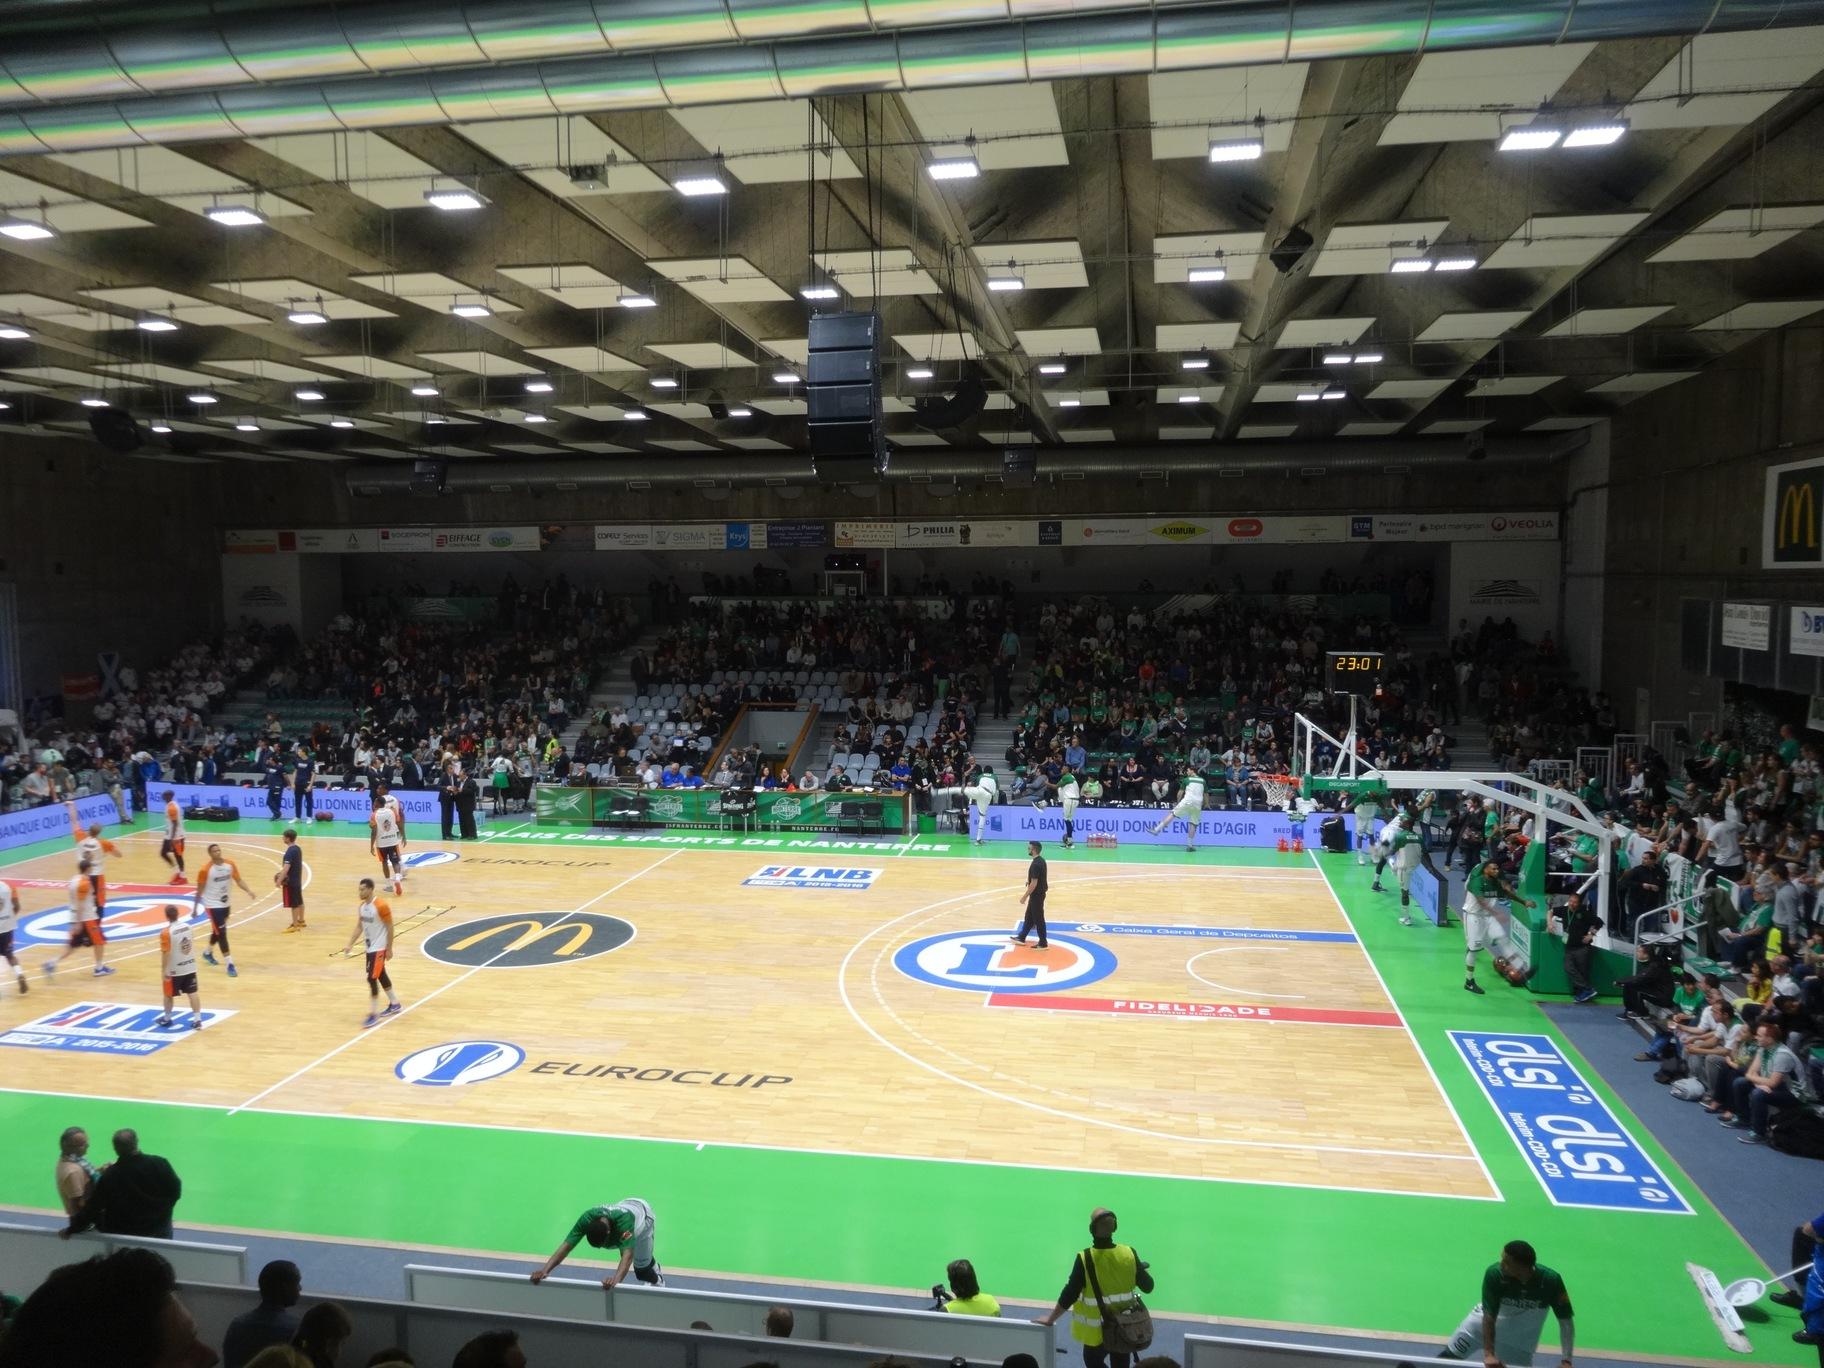 Inauguration Du Nouveau Palais Des Sports Maurice Thorez ... pour Piscine Du Palais Des Sports À Nanterre Nanterre